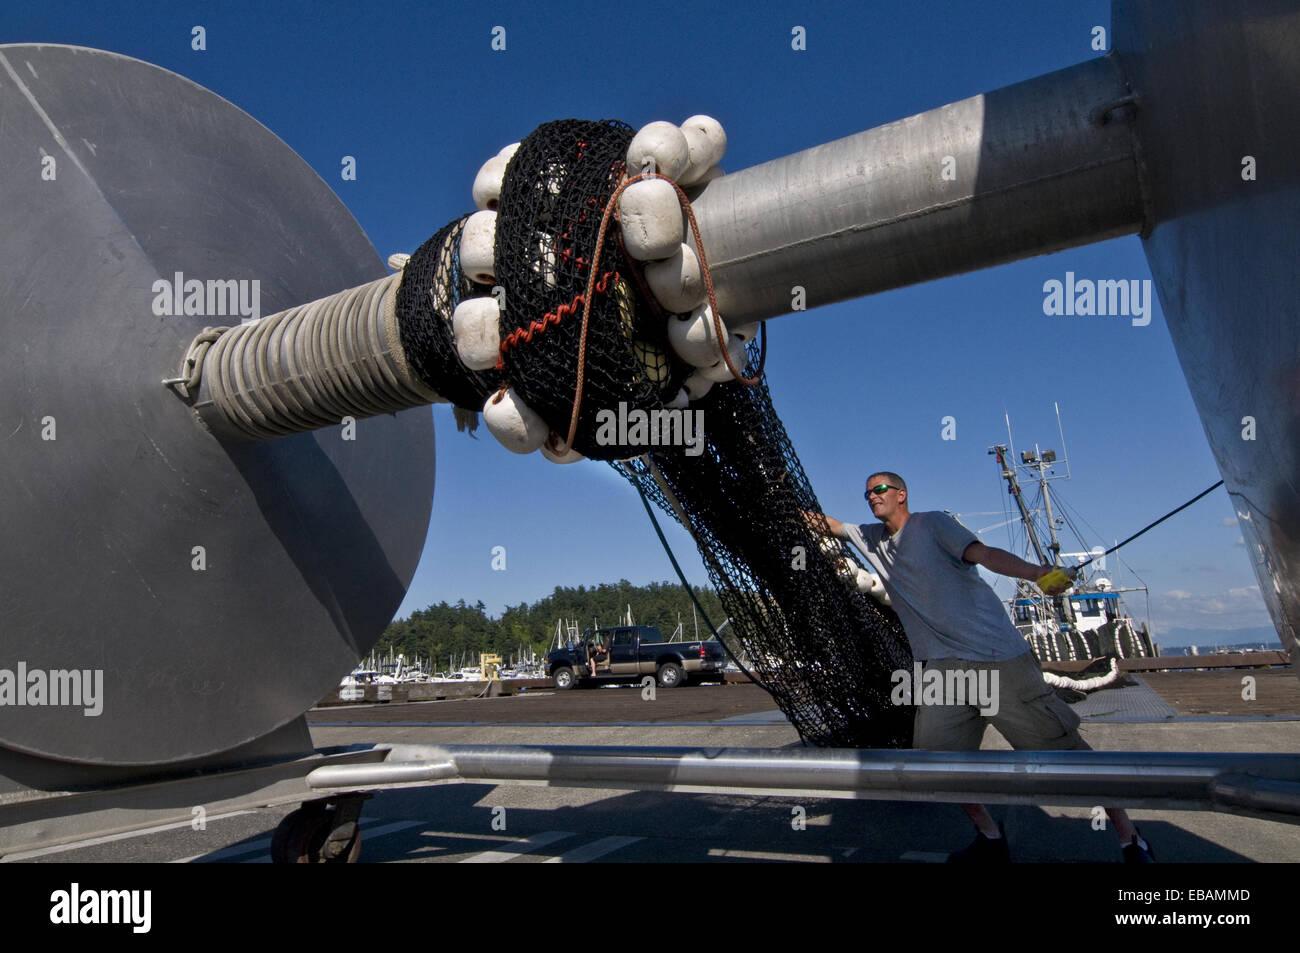 Dopo America American Anacortes colletto blu barca business costa di cattura costiere immagine a colori variopinti Immagini Stock